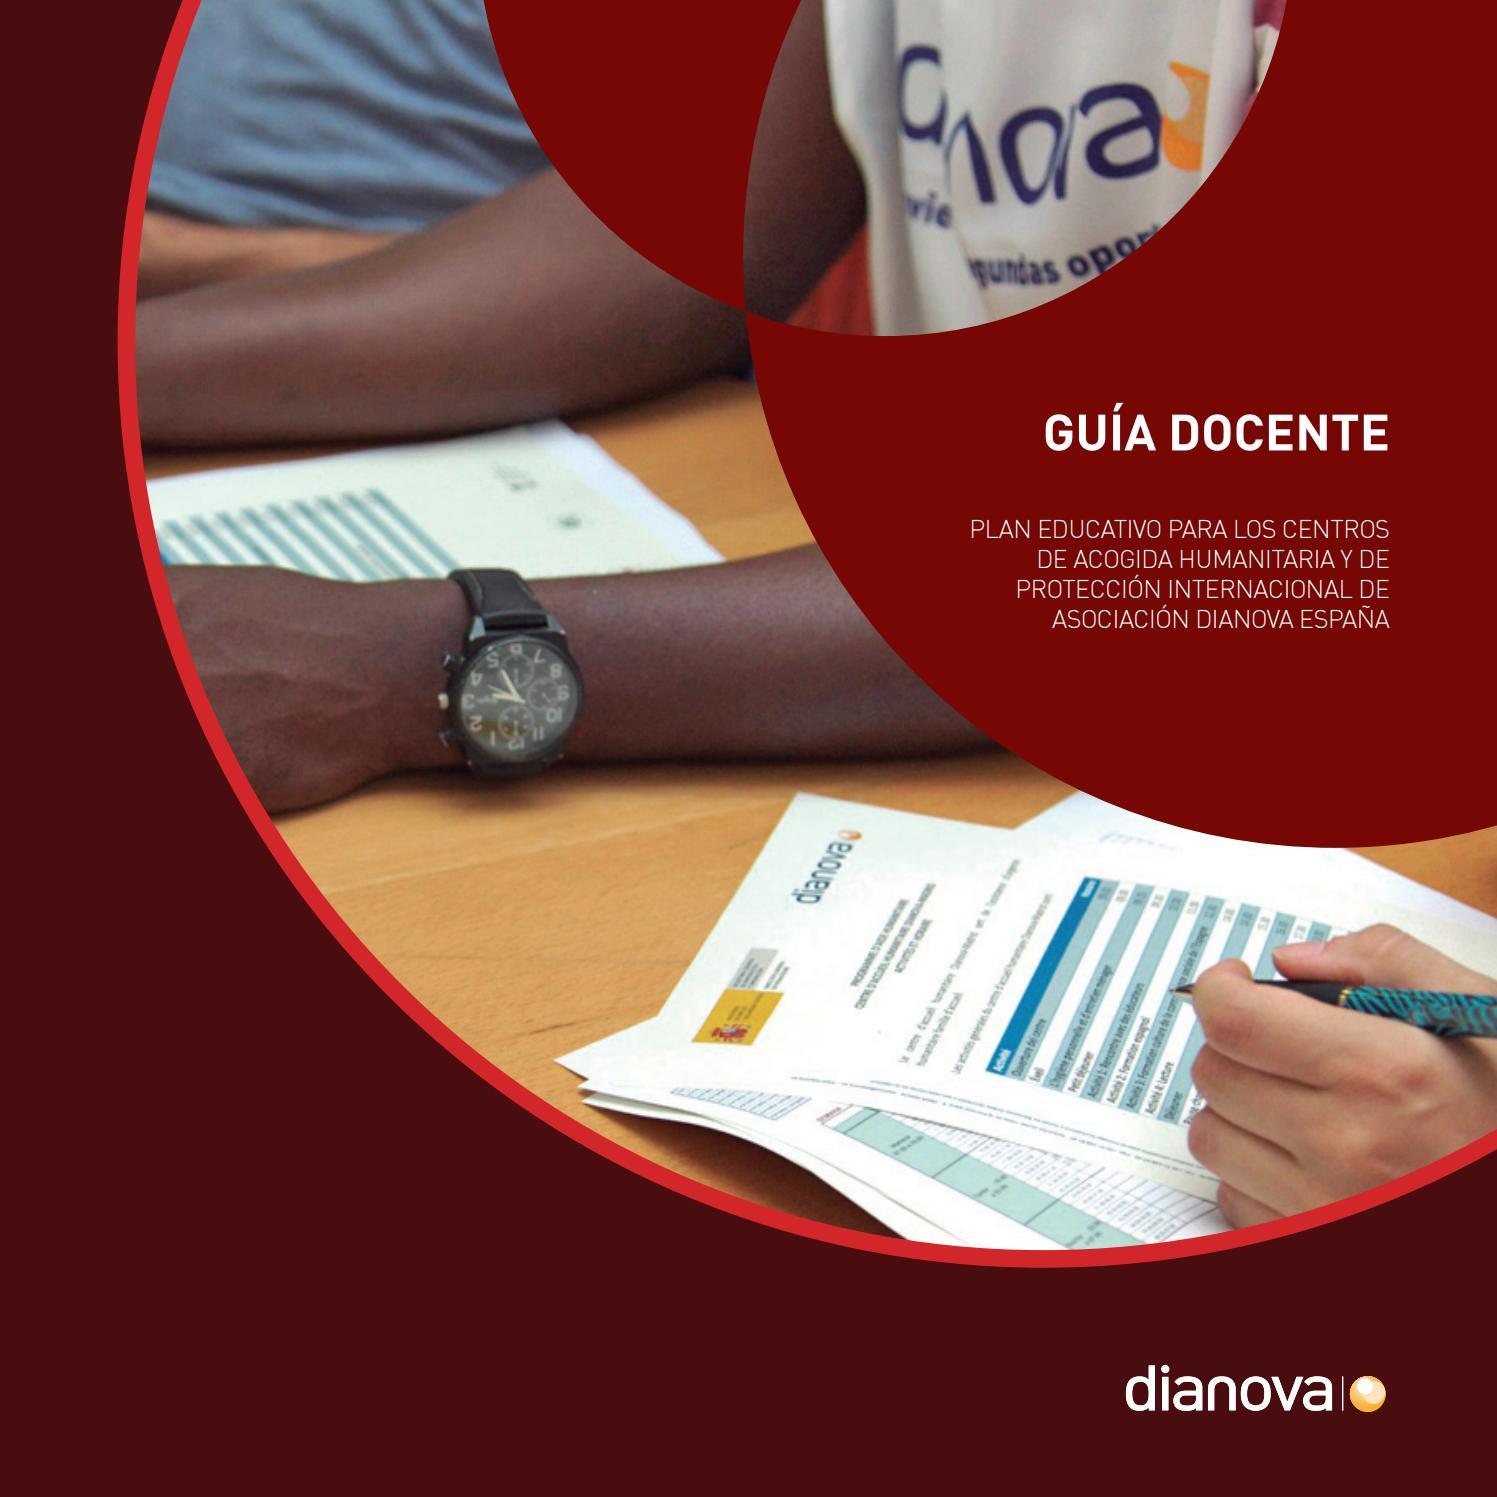 Guía docente Dianova by Dianova España - issuu